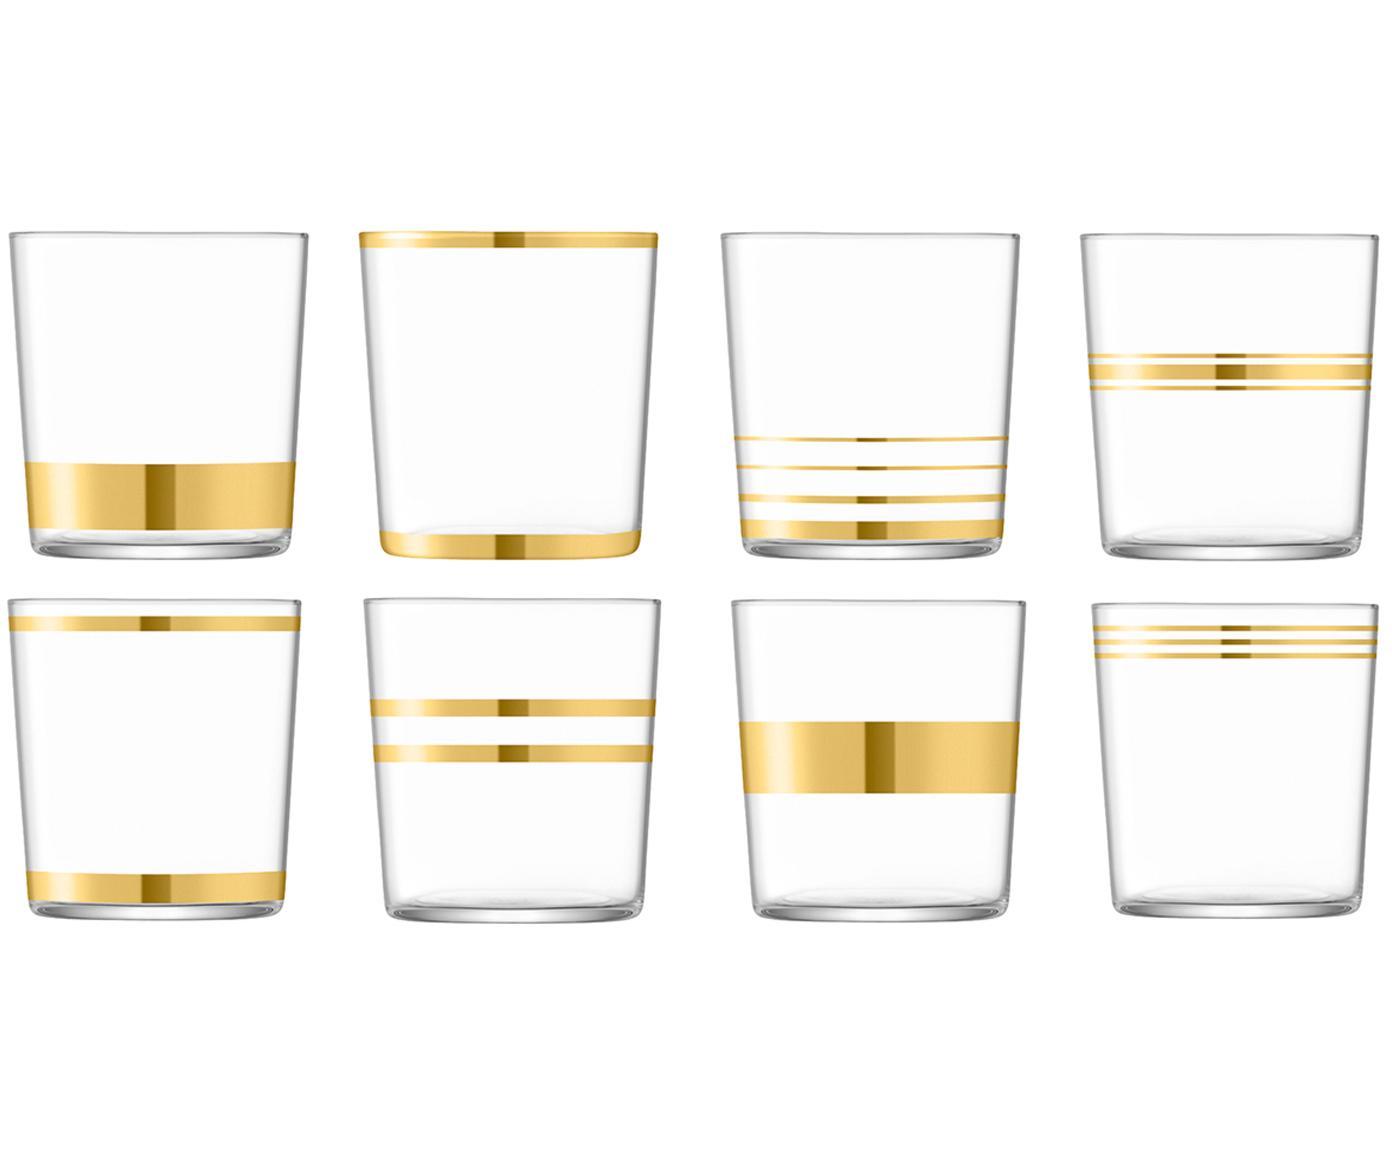 Vasos Deco 8uds., Vidrio, Transparente, dorado, Ø 8 x Al 9 cm